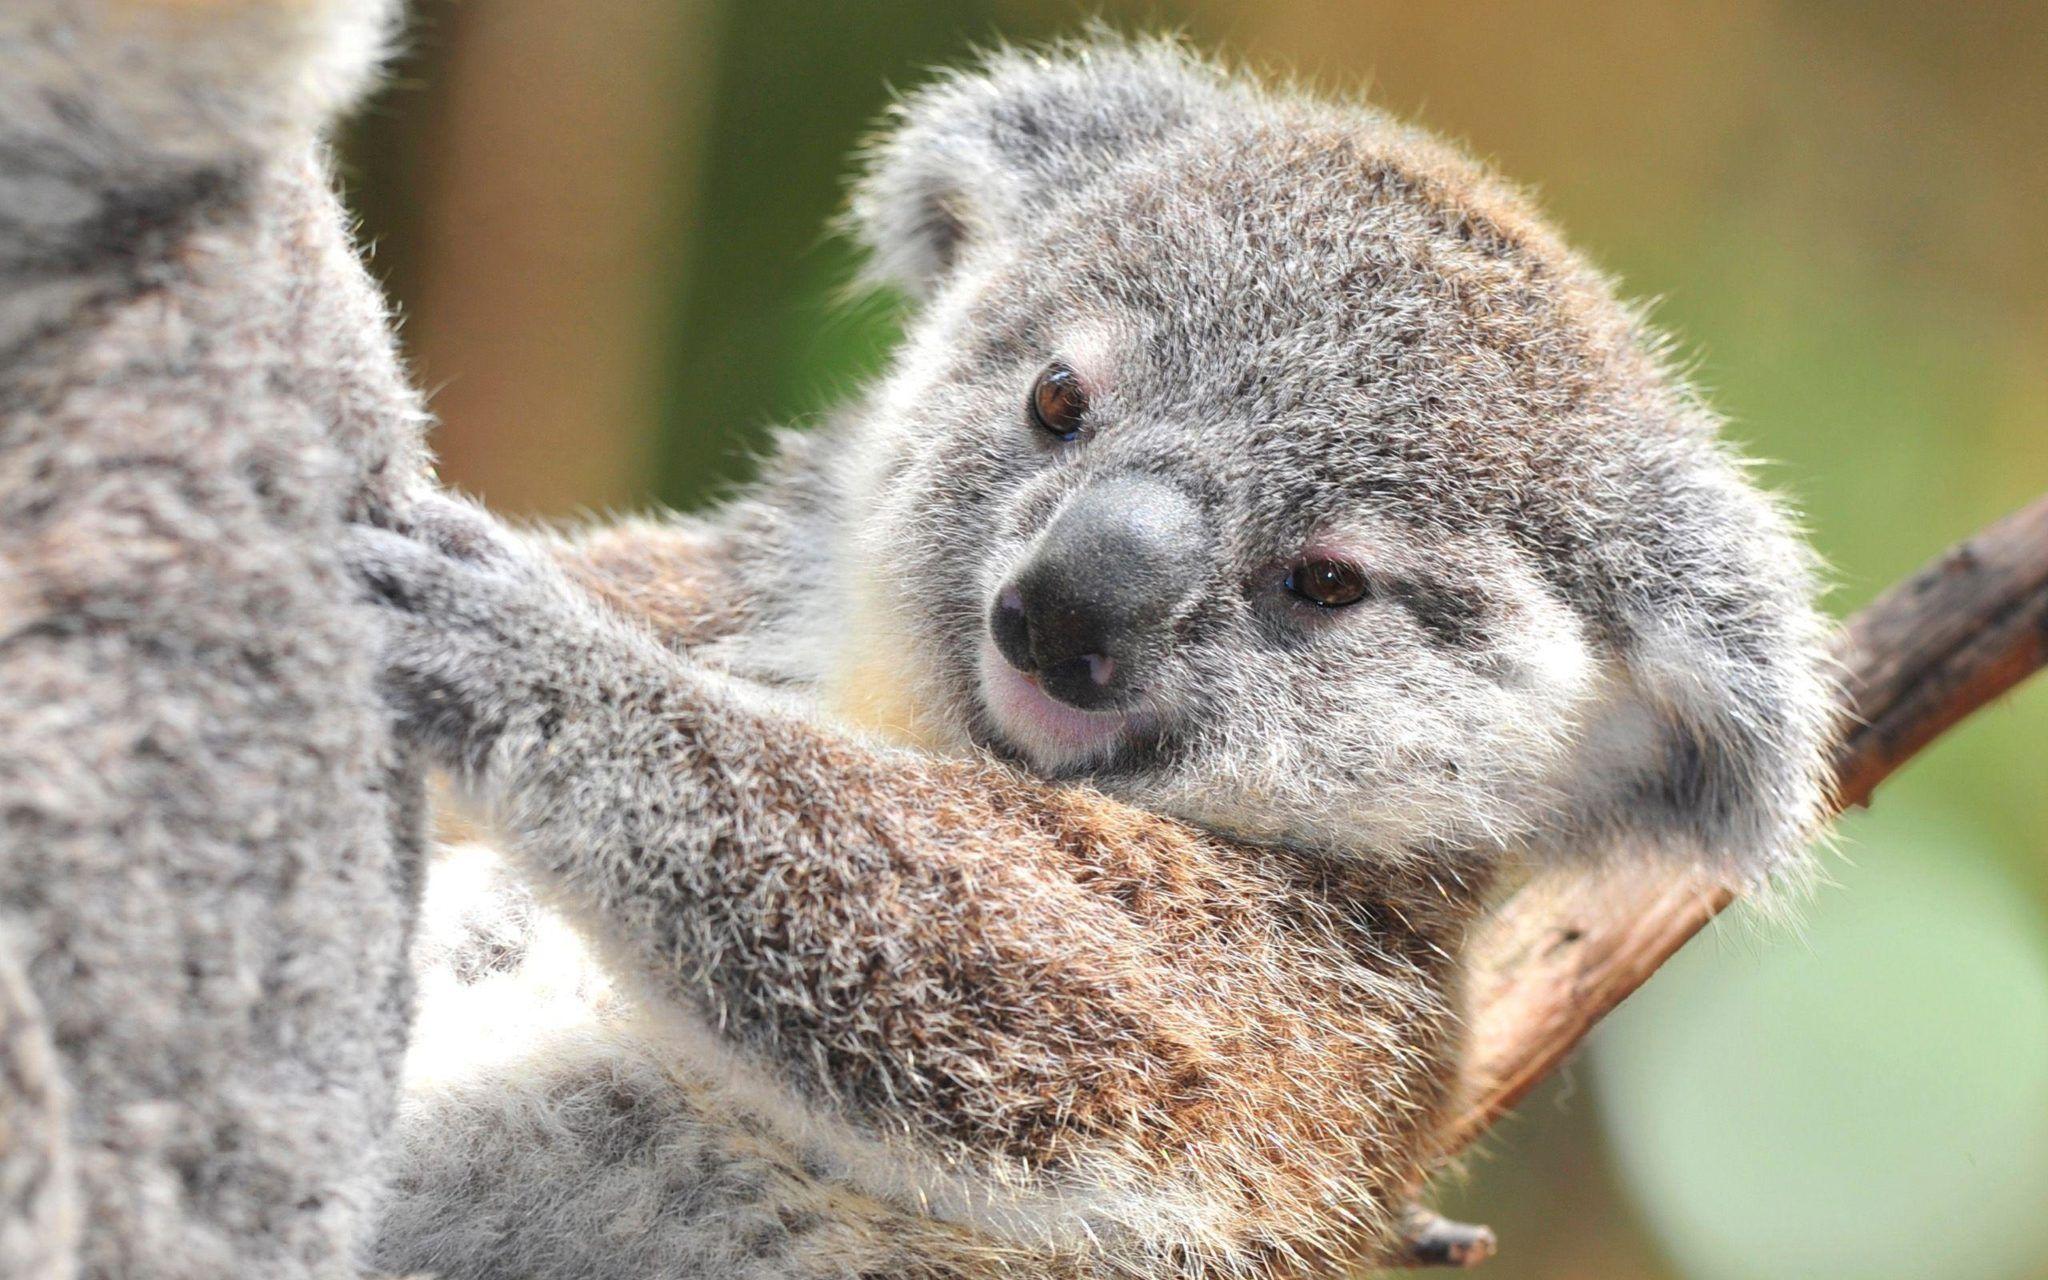 Koala Hd Wallpapers And Backgrounds 41 Http Www Urdunewtrend Com Hd Wallpapers Animal Koala Koala Hd Wallpapers And Background Koala Koala Bear Baby Koala